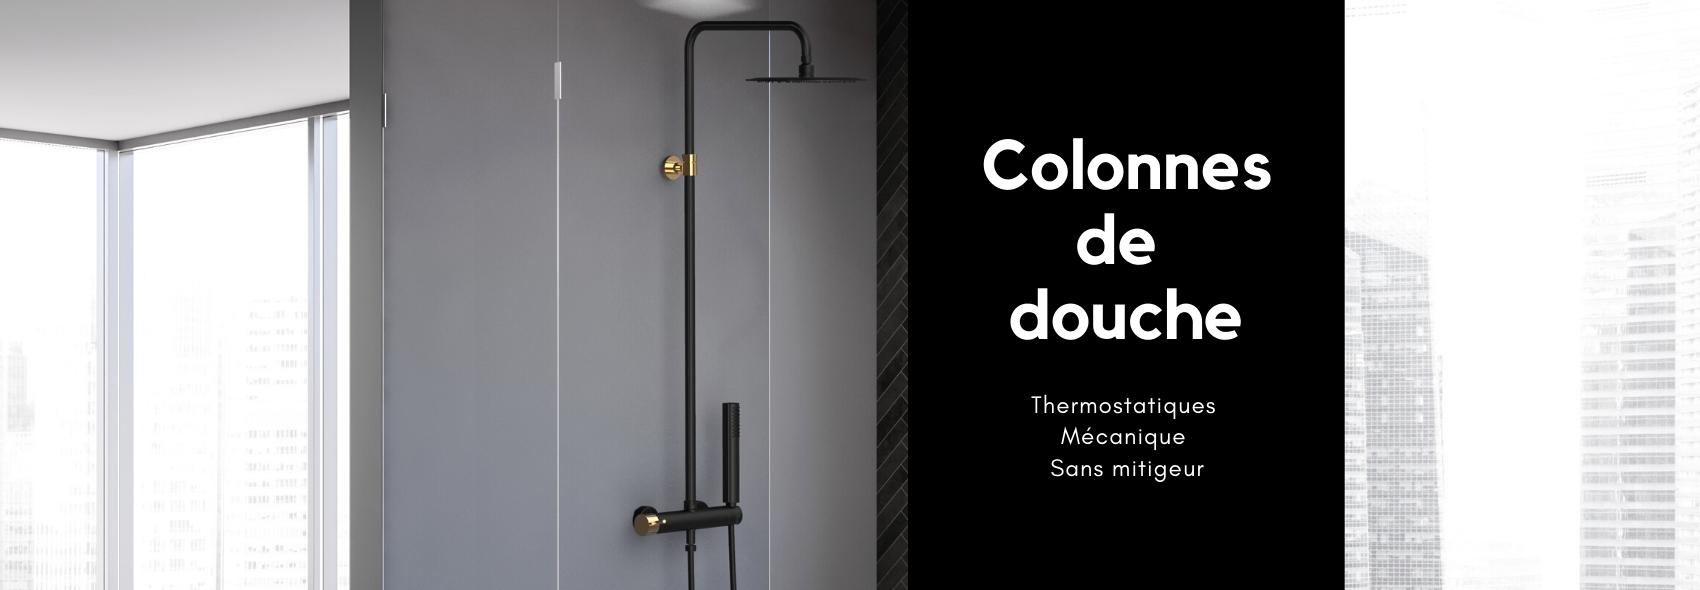 Colonnes de douche